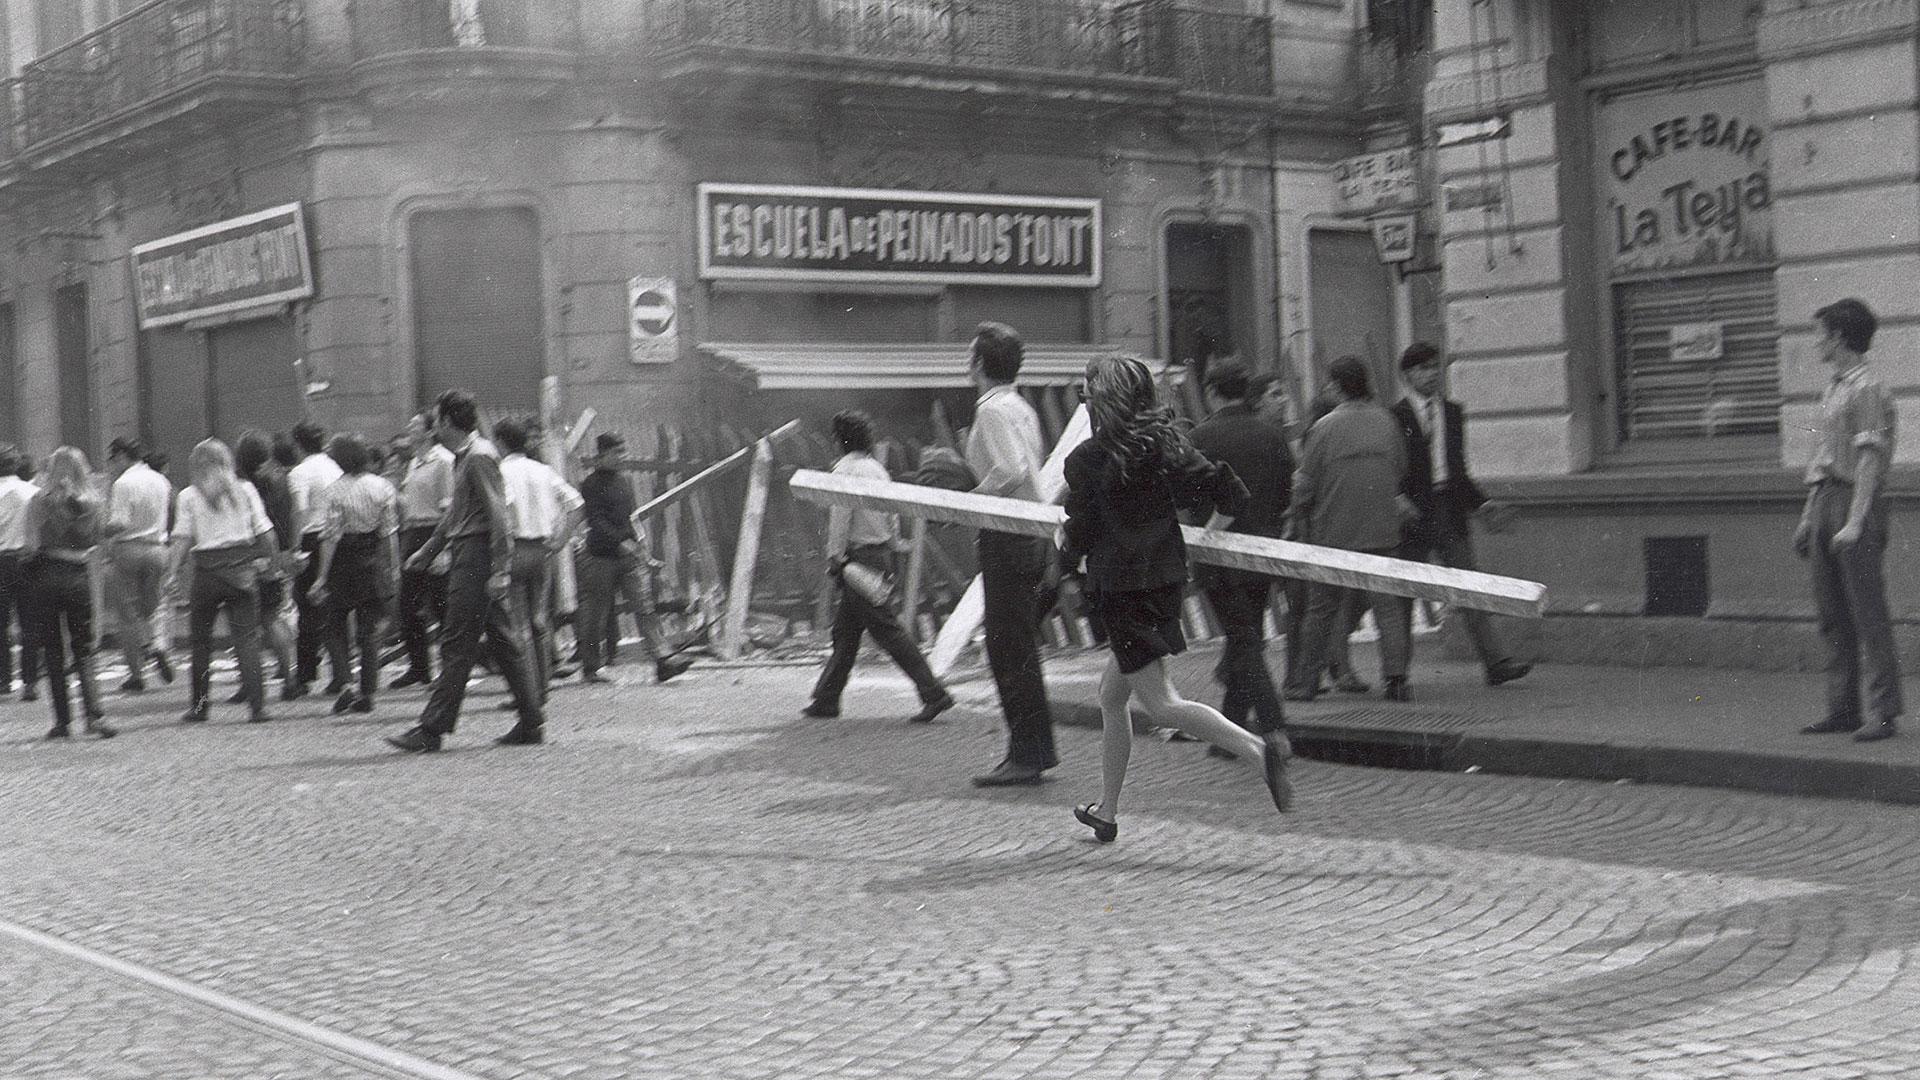 El viernes 16 de mayo, en la Universidad Nacional de Rosario, el rector José Luis Valentín Cantini intentó frenar las asambleas en las facultades con la suspensión de las clases durante tres días